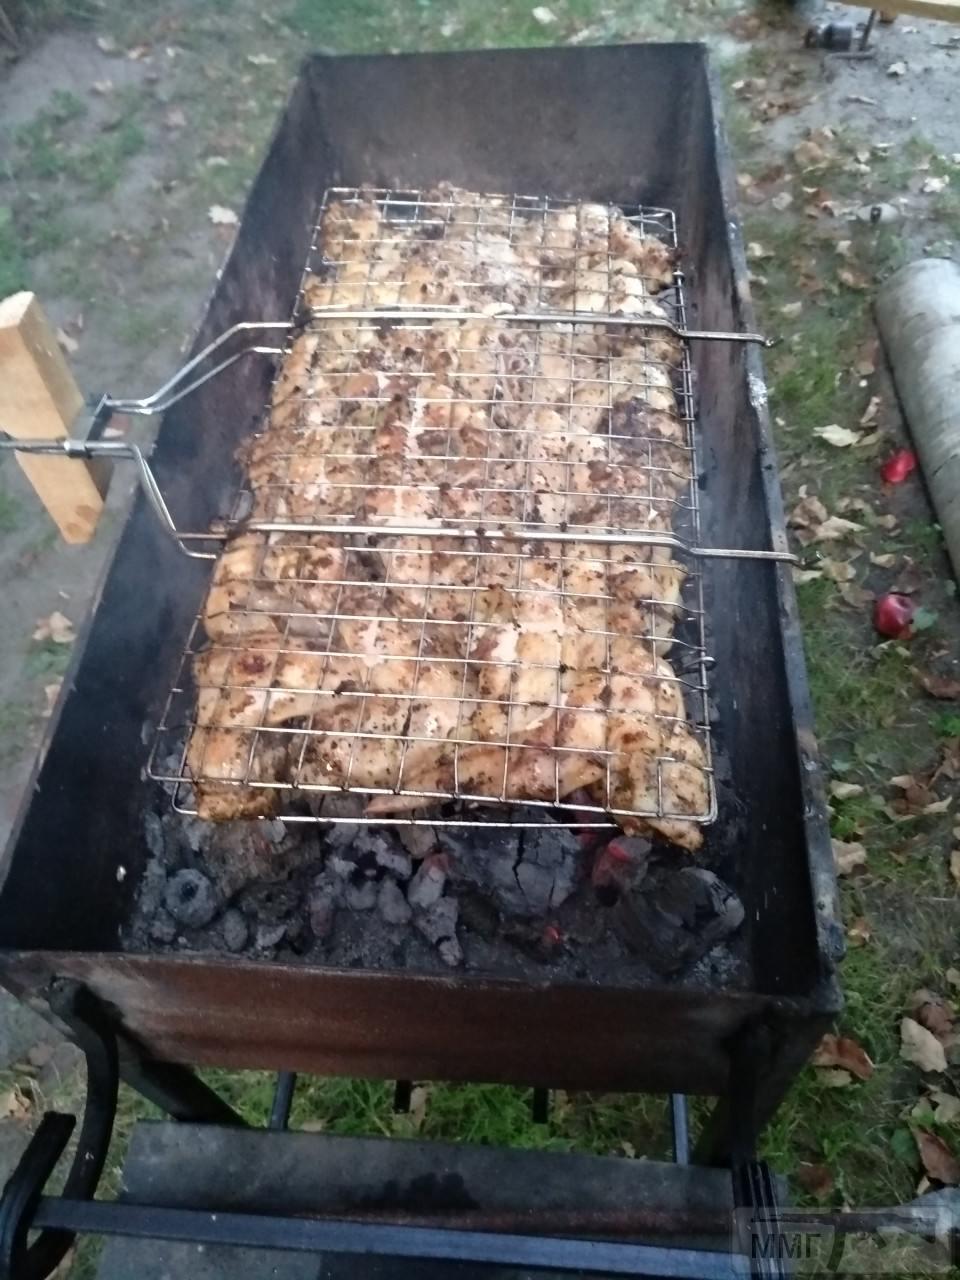 71784 - Закуски на огне (мангал, барбекю и т.д.) и кулинария вообще. Советы и рецепты.